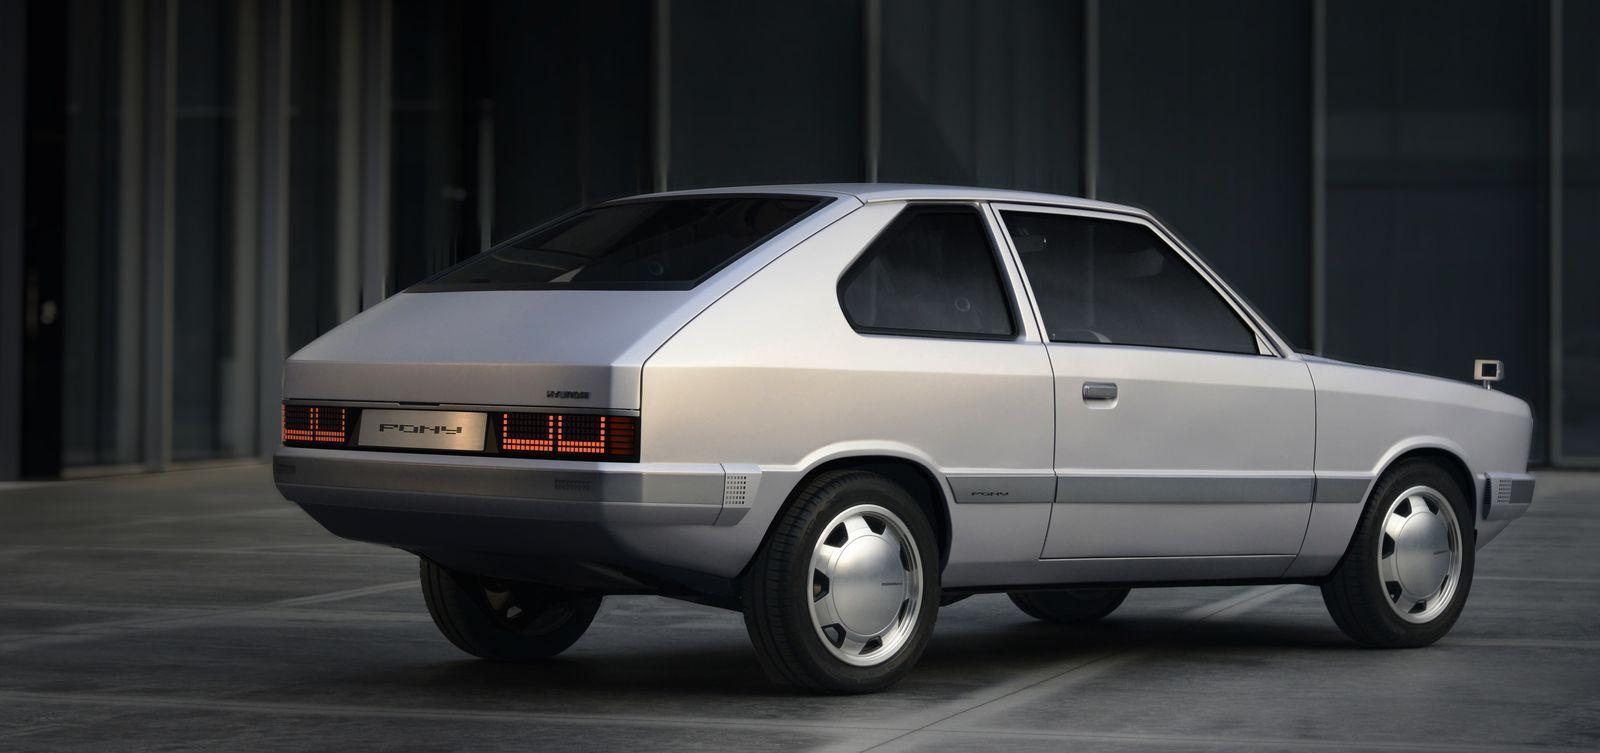 HyundaiPony_2021_AutoRok_13